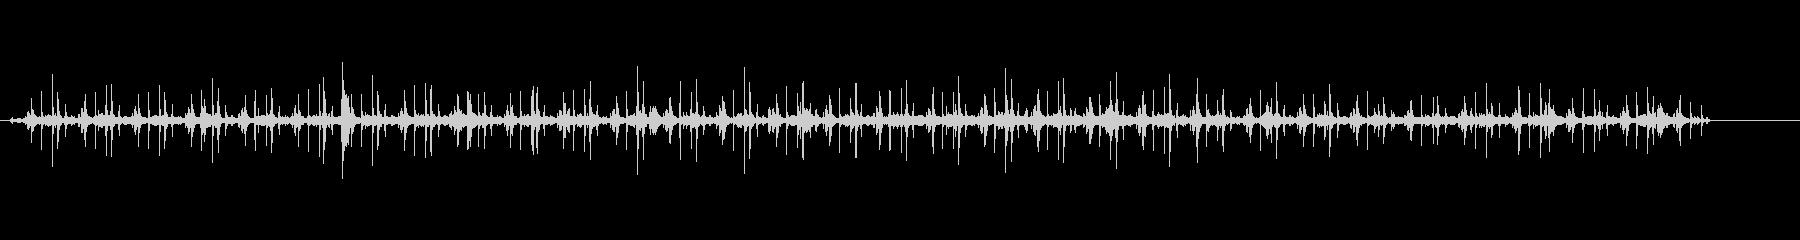 プラントプレス機蓄音機-自動レコー...の未再生の波形